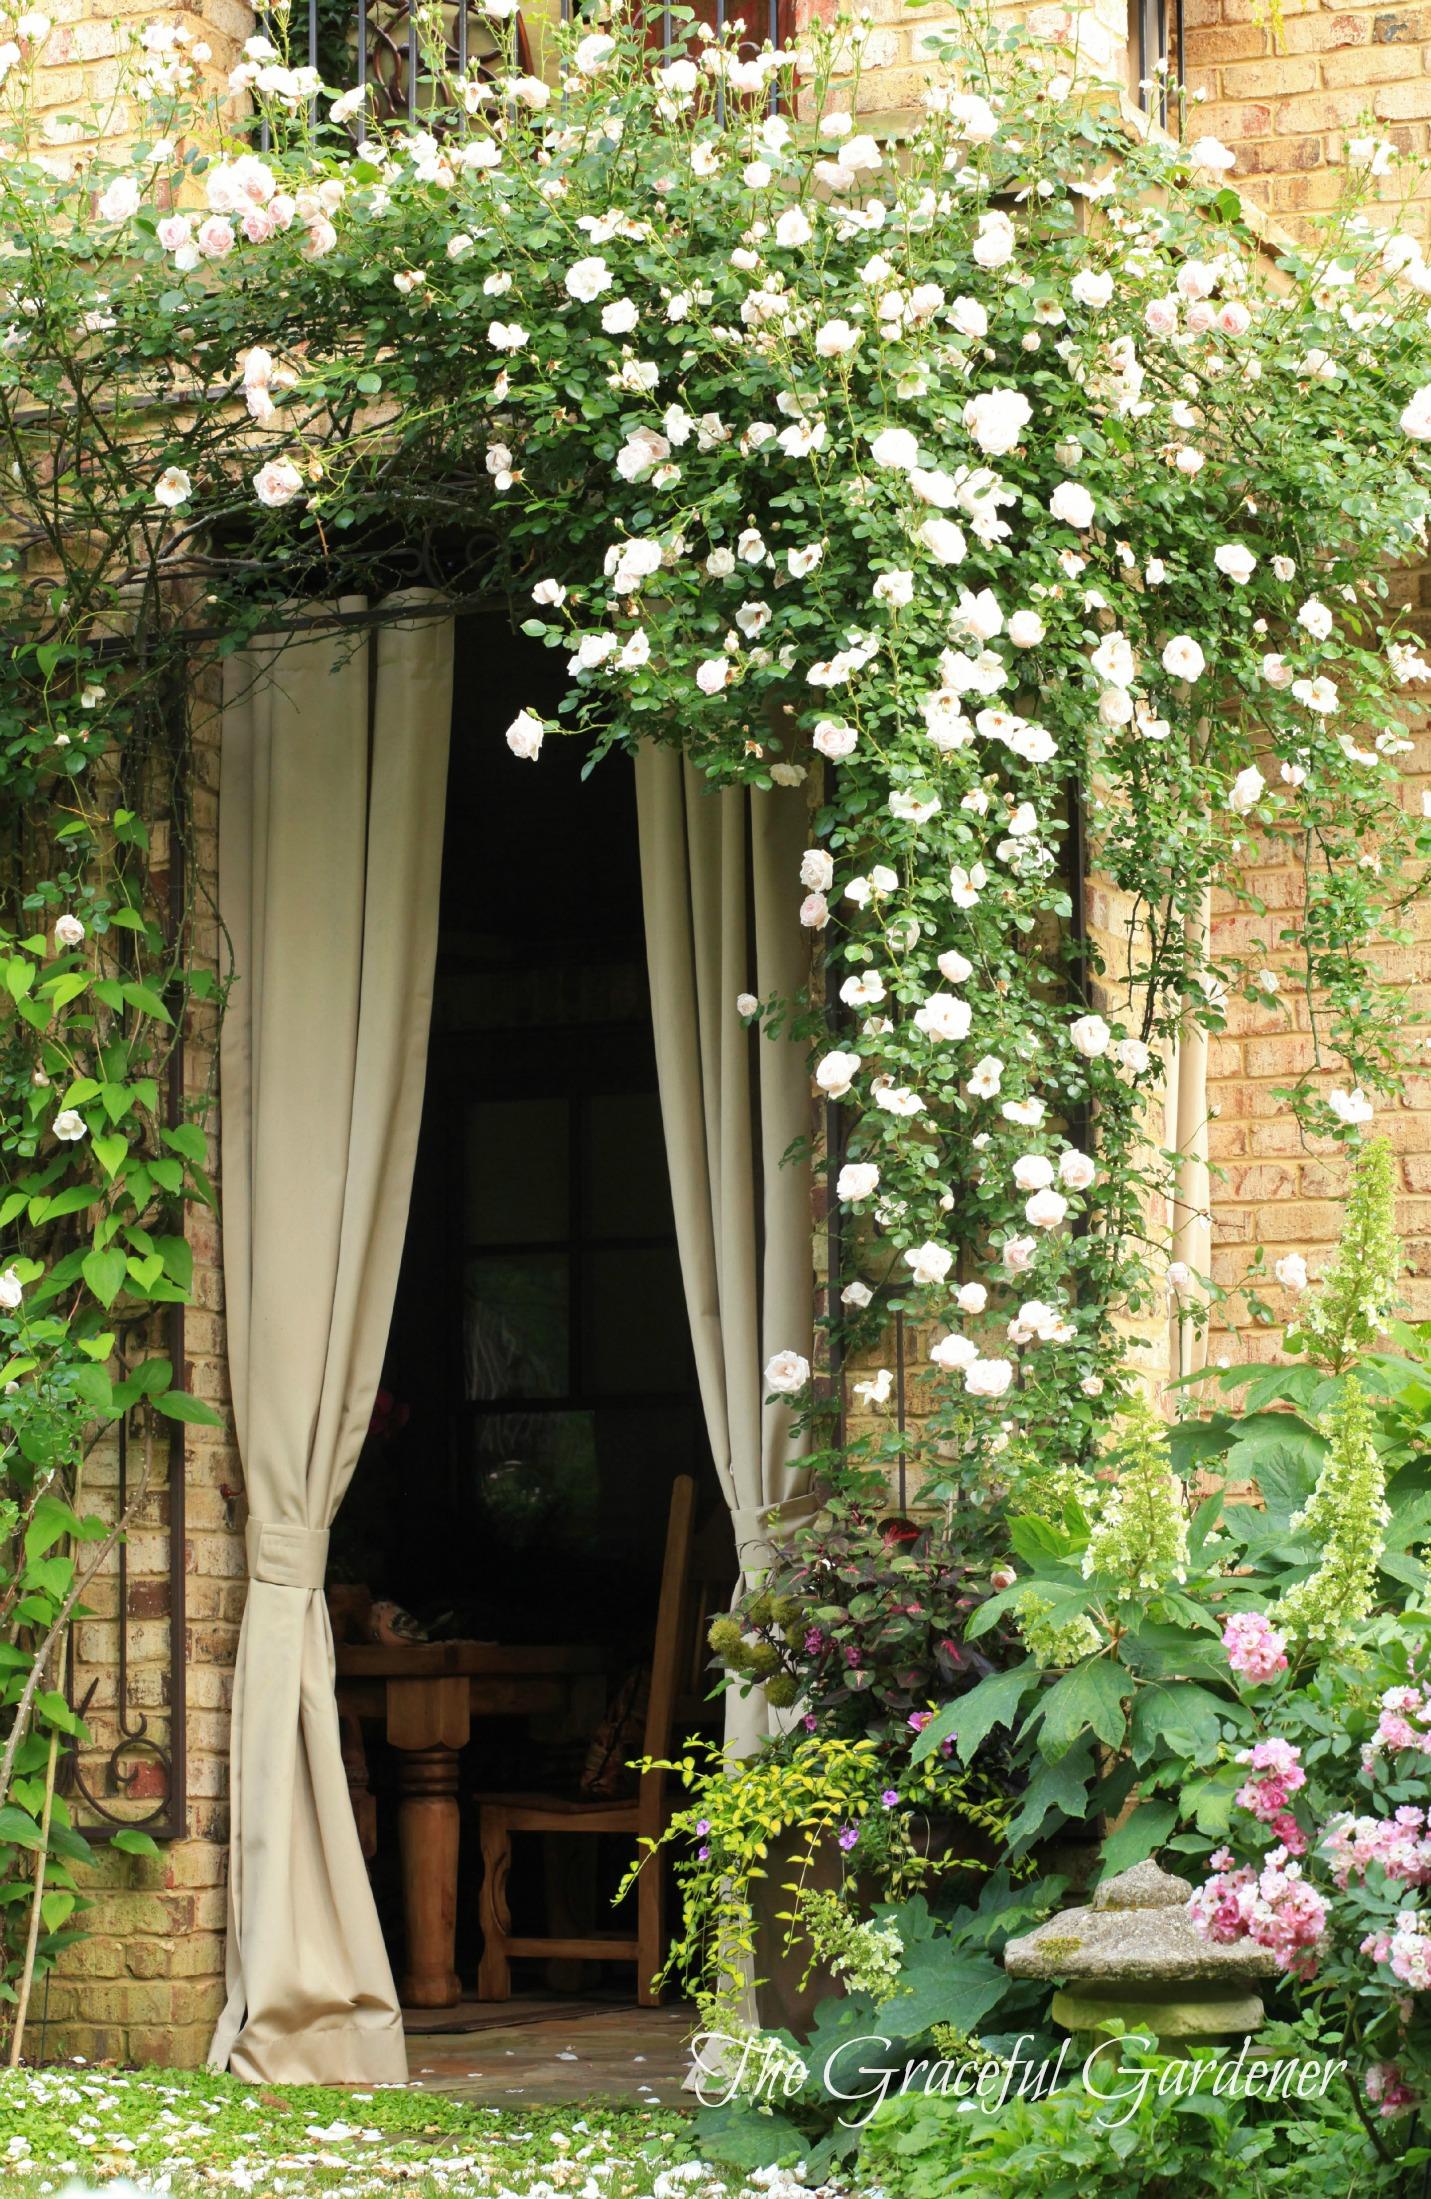 The graceful gardener don juan climbing rose - Climbing rose trellis ...